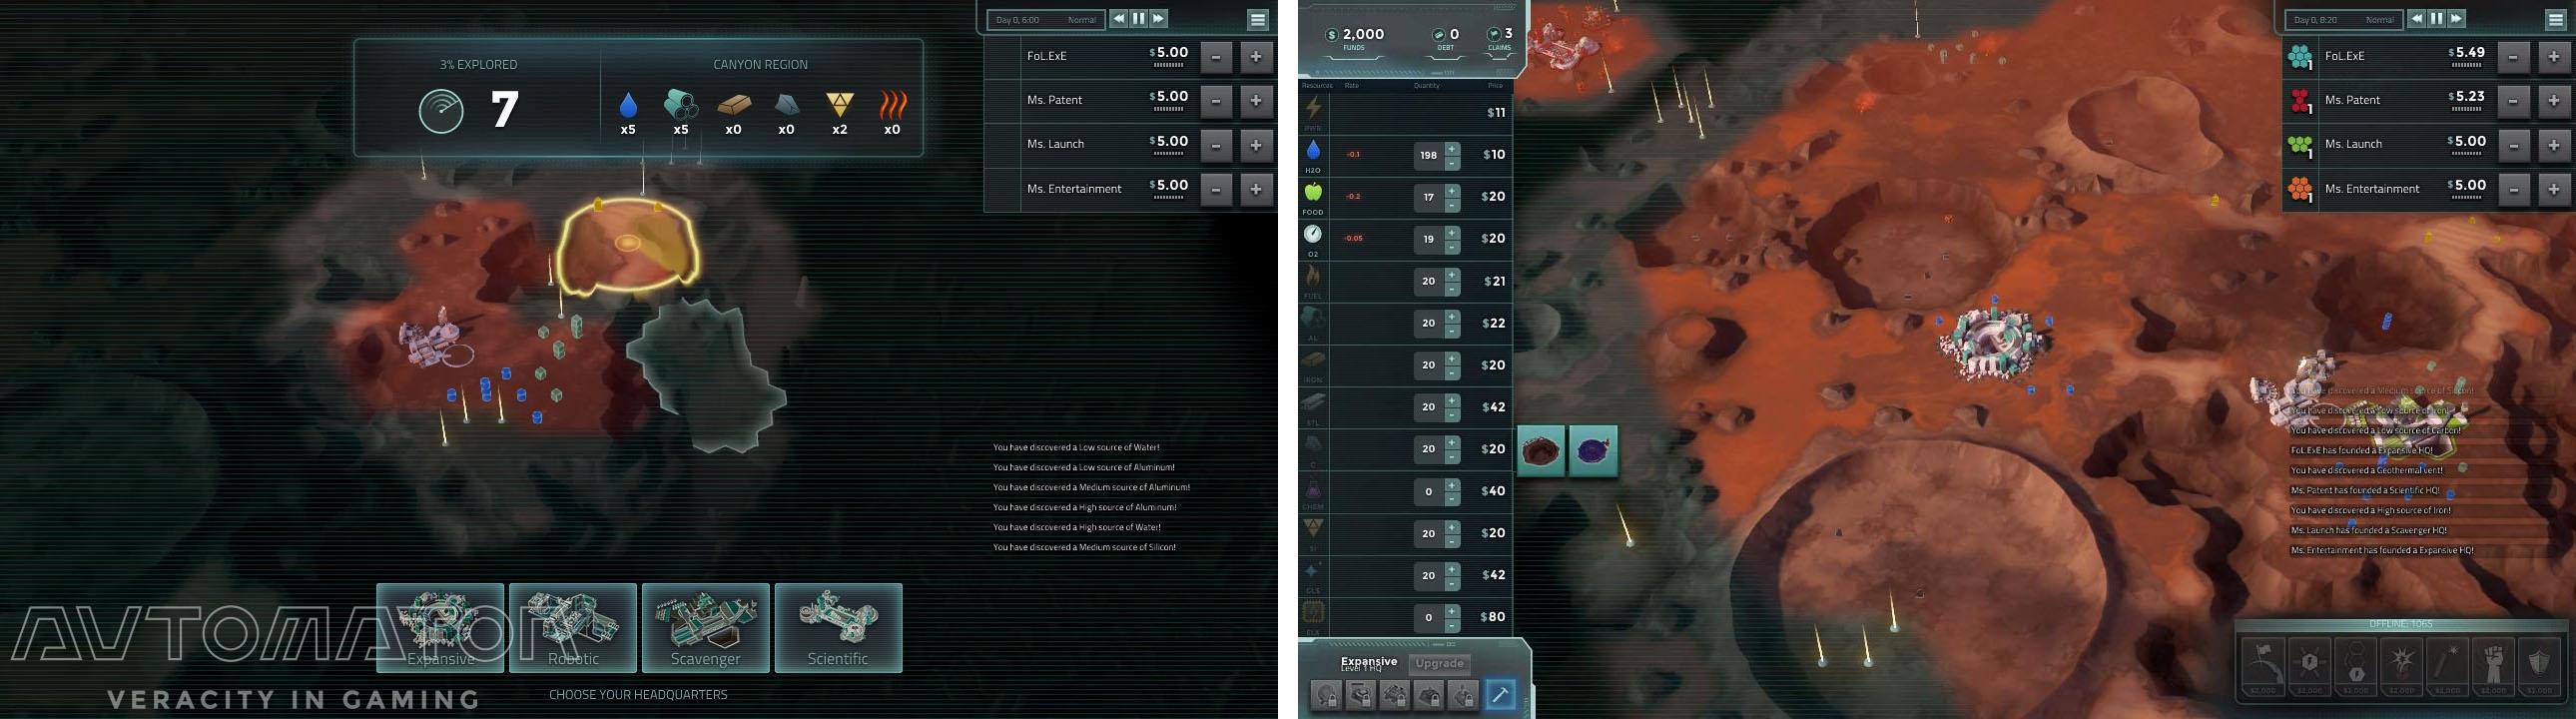 ゲーム開始時の視界制限について。埋蔵物資の調査時(画像左)はあるが、本社を建てた後(本社右)はすぐに視界が晴れる。先に本社を建てれば質の良い採掘土地を確保できるが、くわしく調査すれば総合的な好立地を探し当てることもできるため、操作リソースの優劣は少ない。